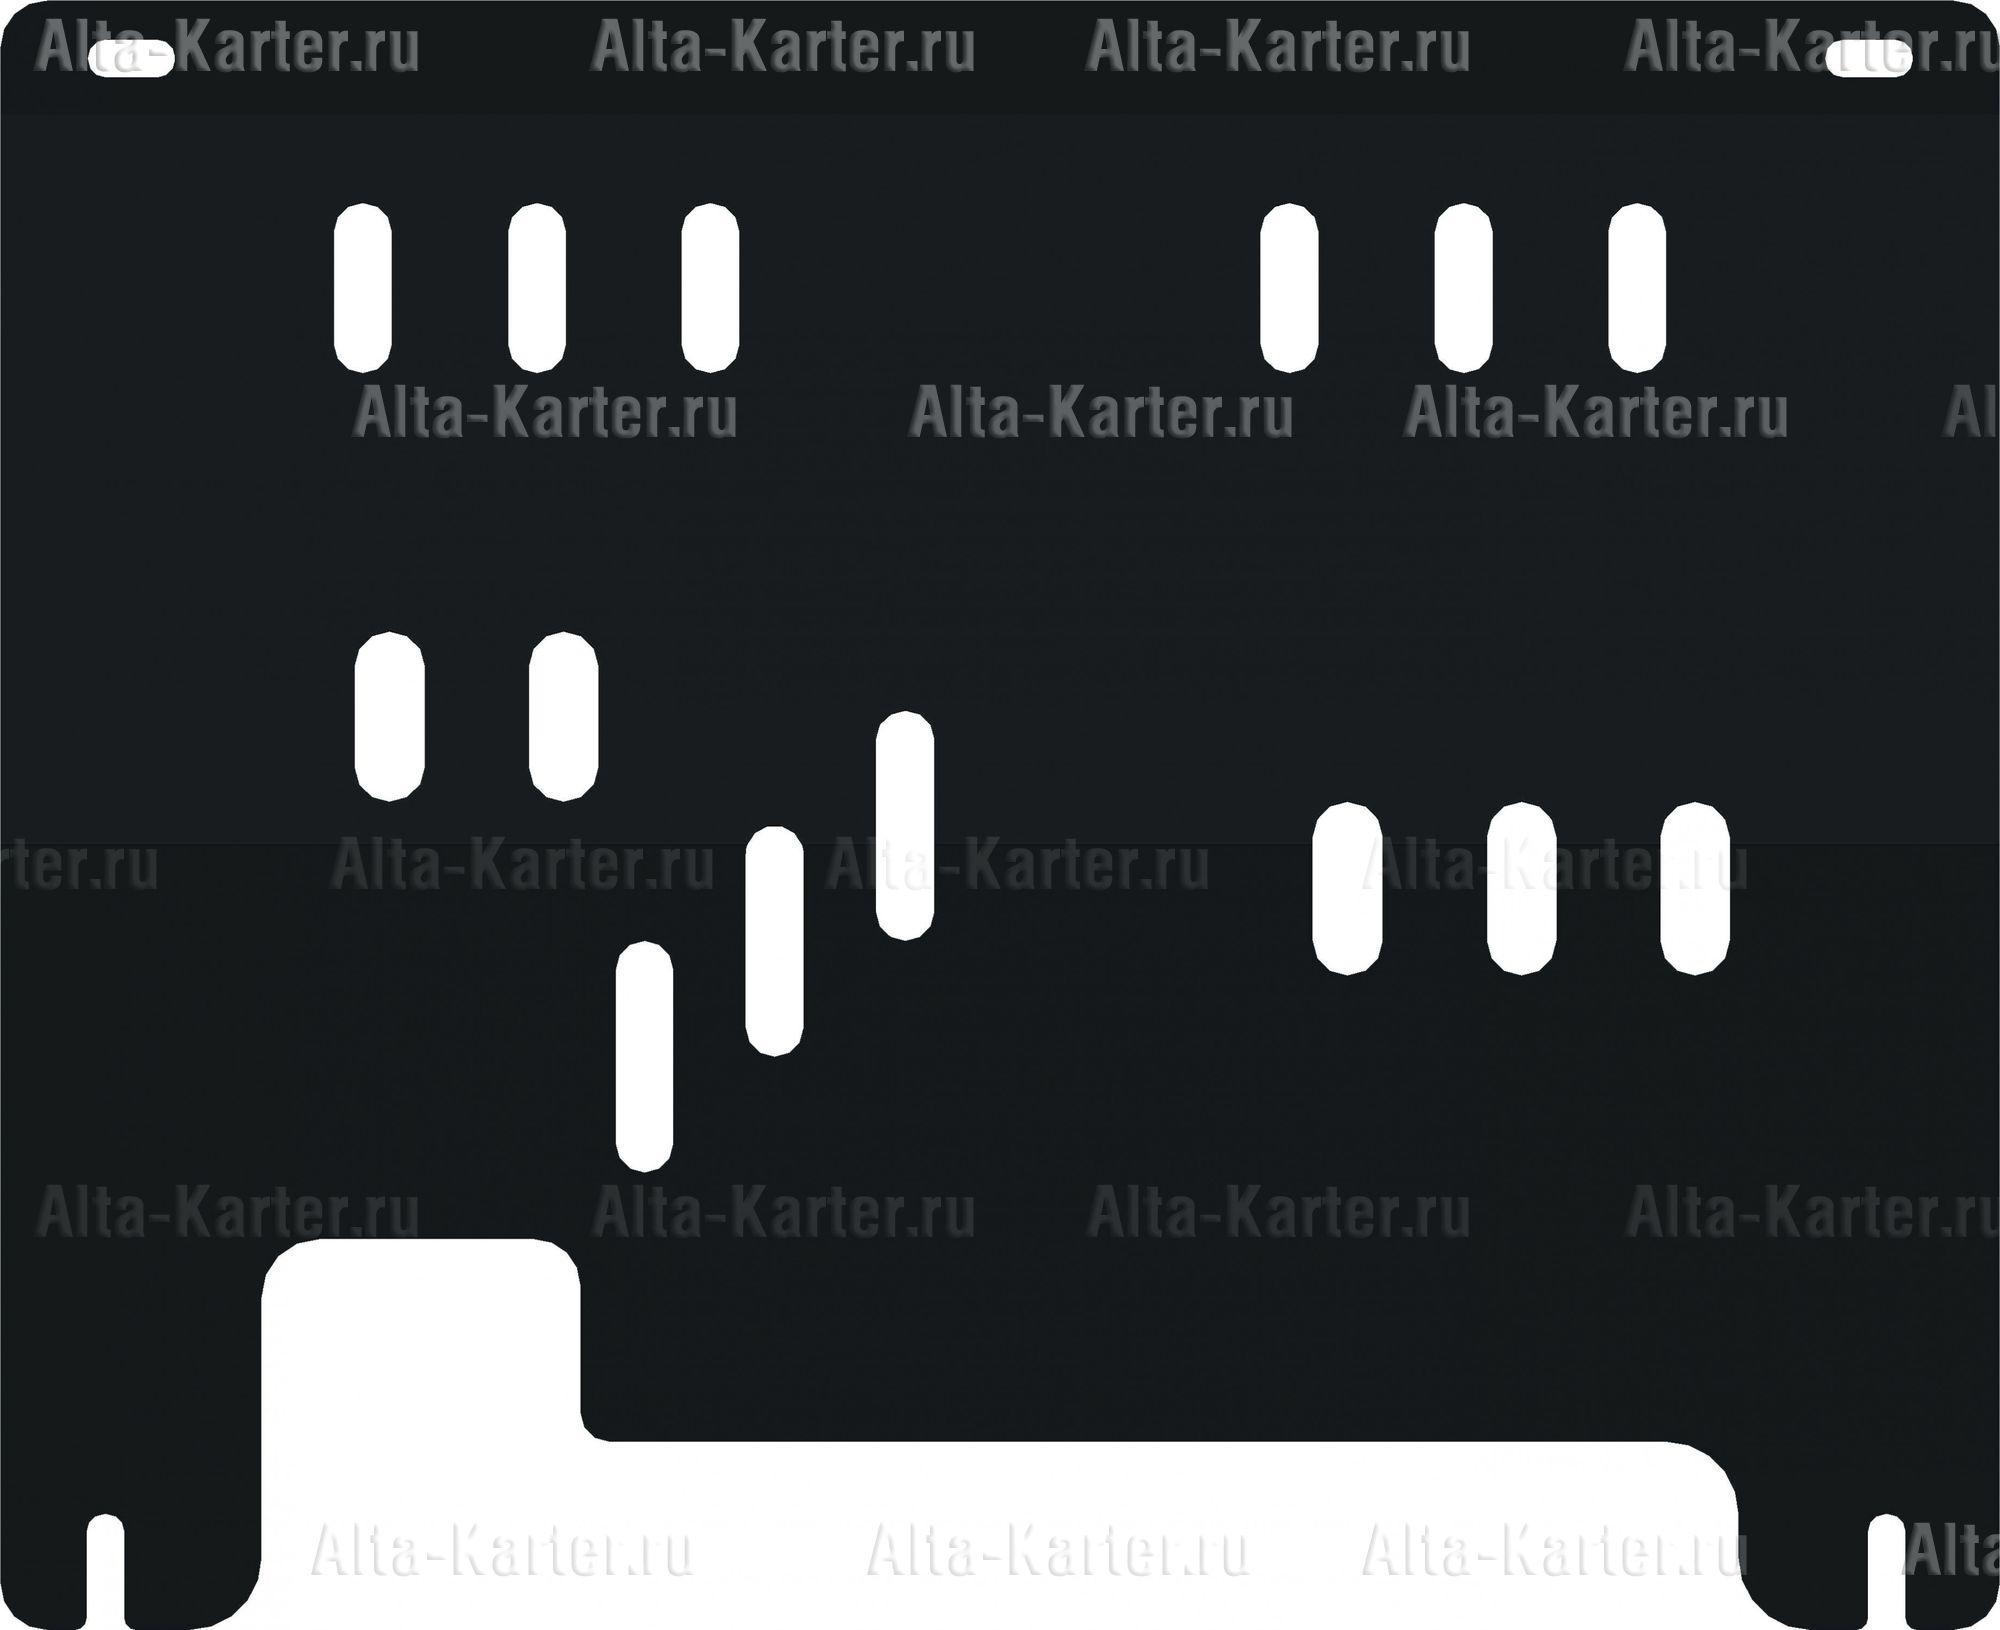 Защита Alfeco для картера и КПП Opel Corsa D 2006-2014. Артикул ALF.16.03